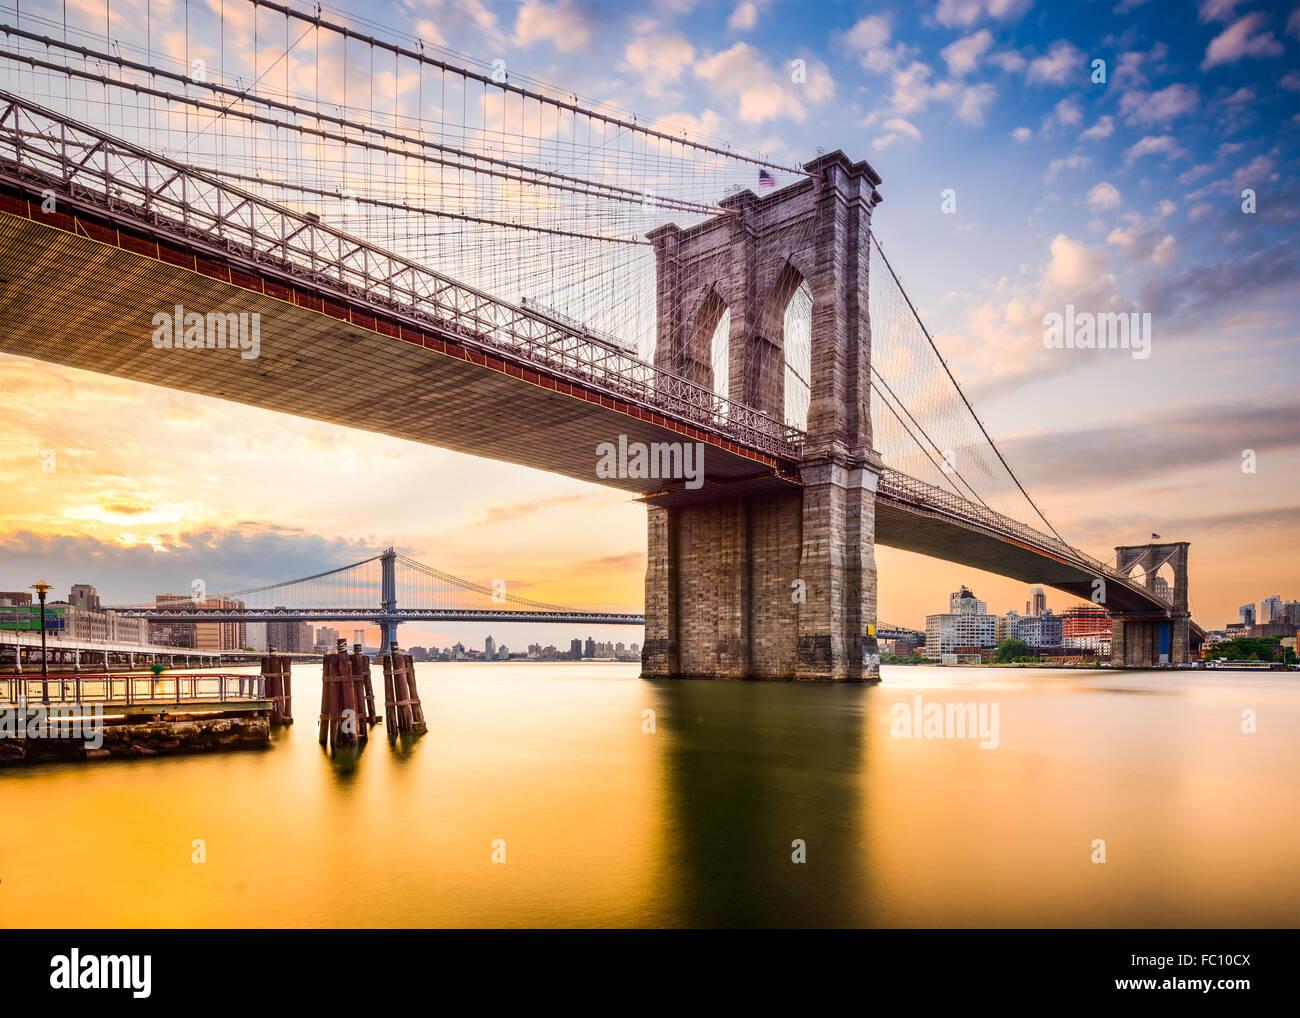 La ville de New York, USA au pont de Brooklyn et East River. Photo Stock